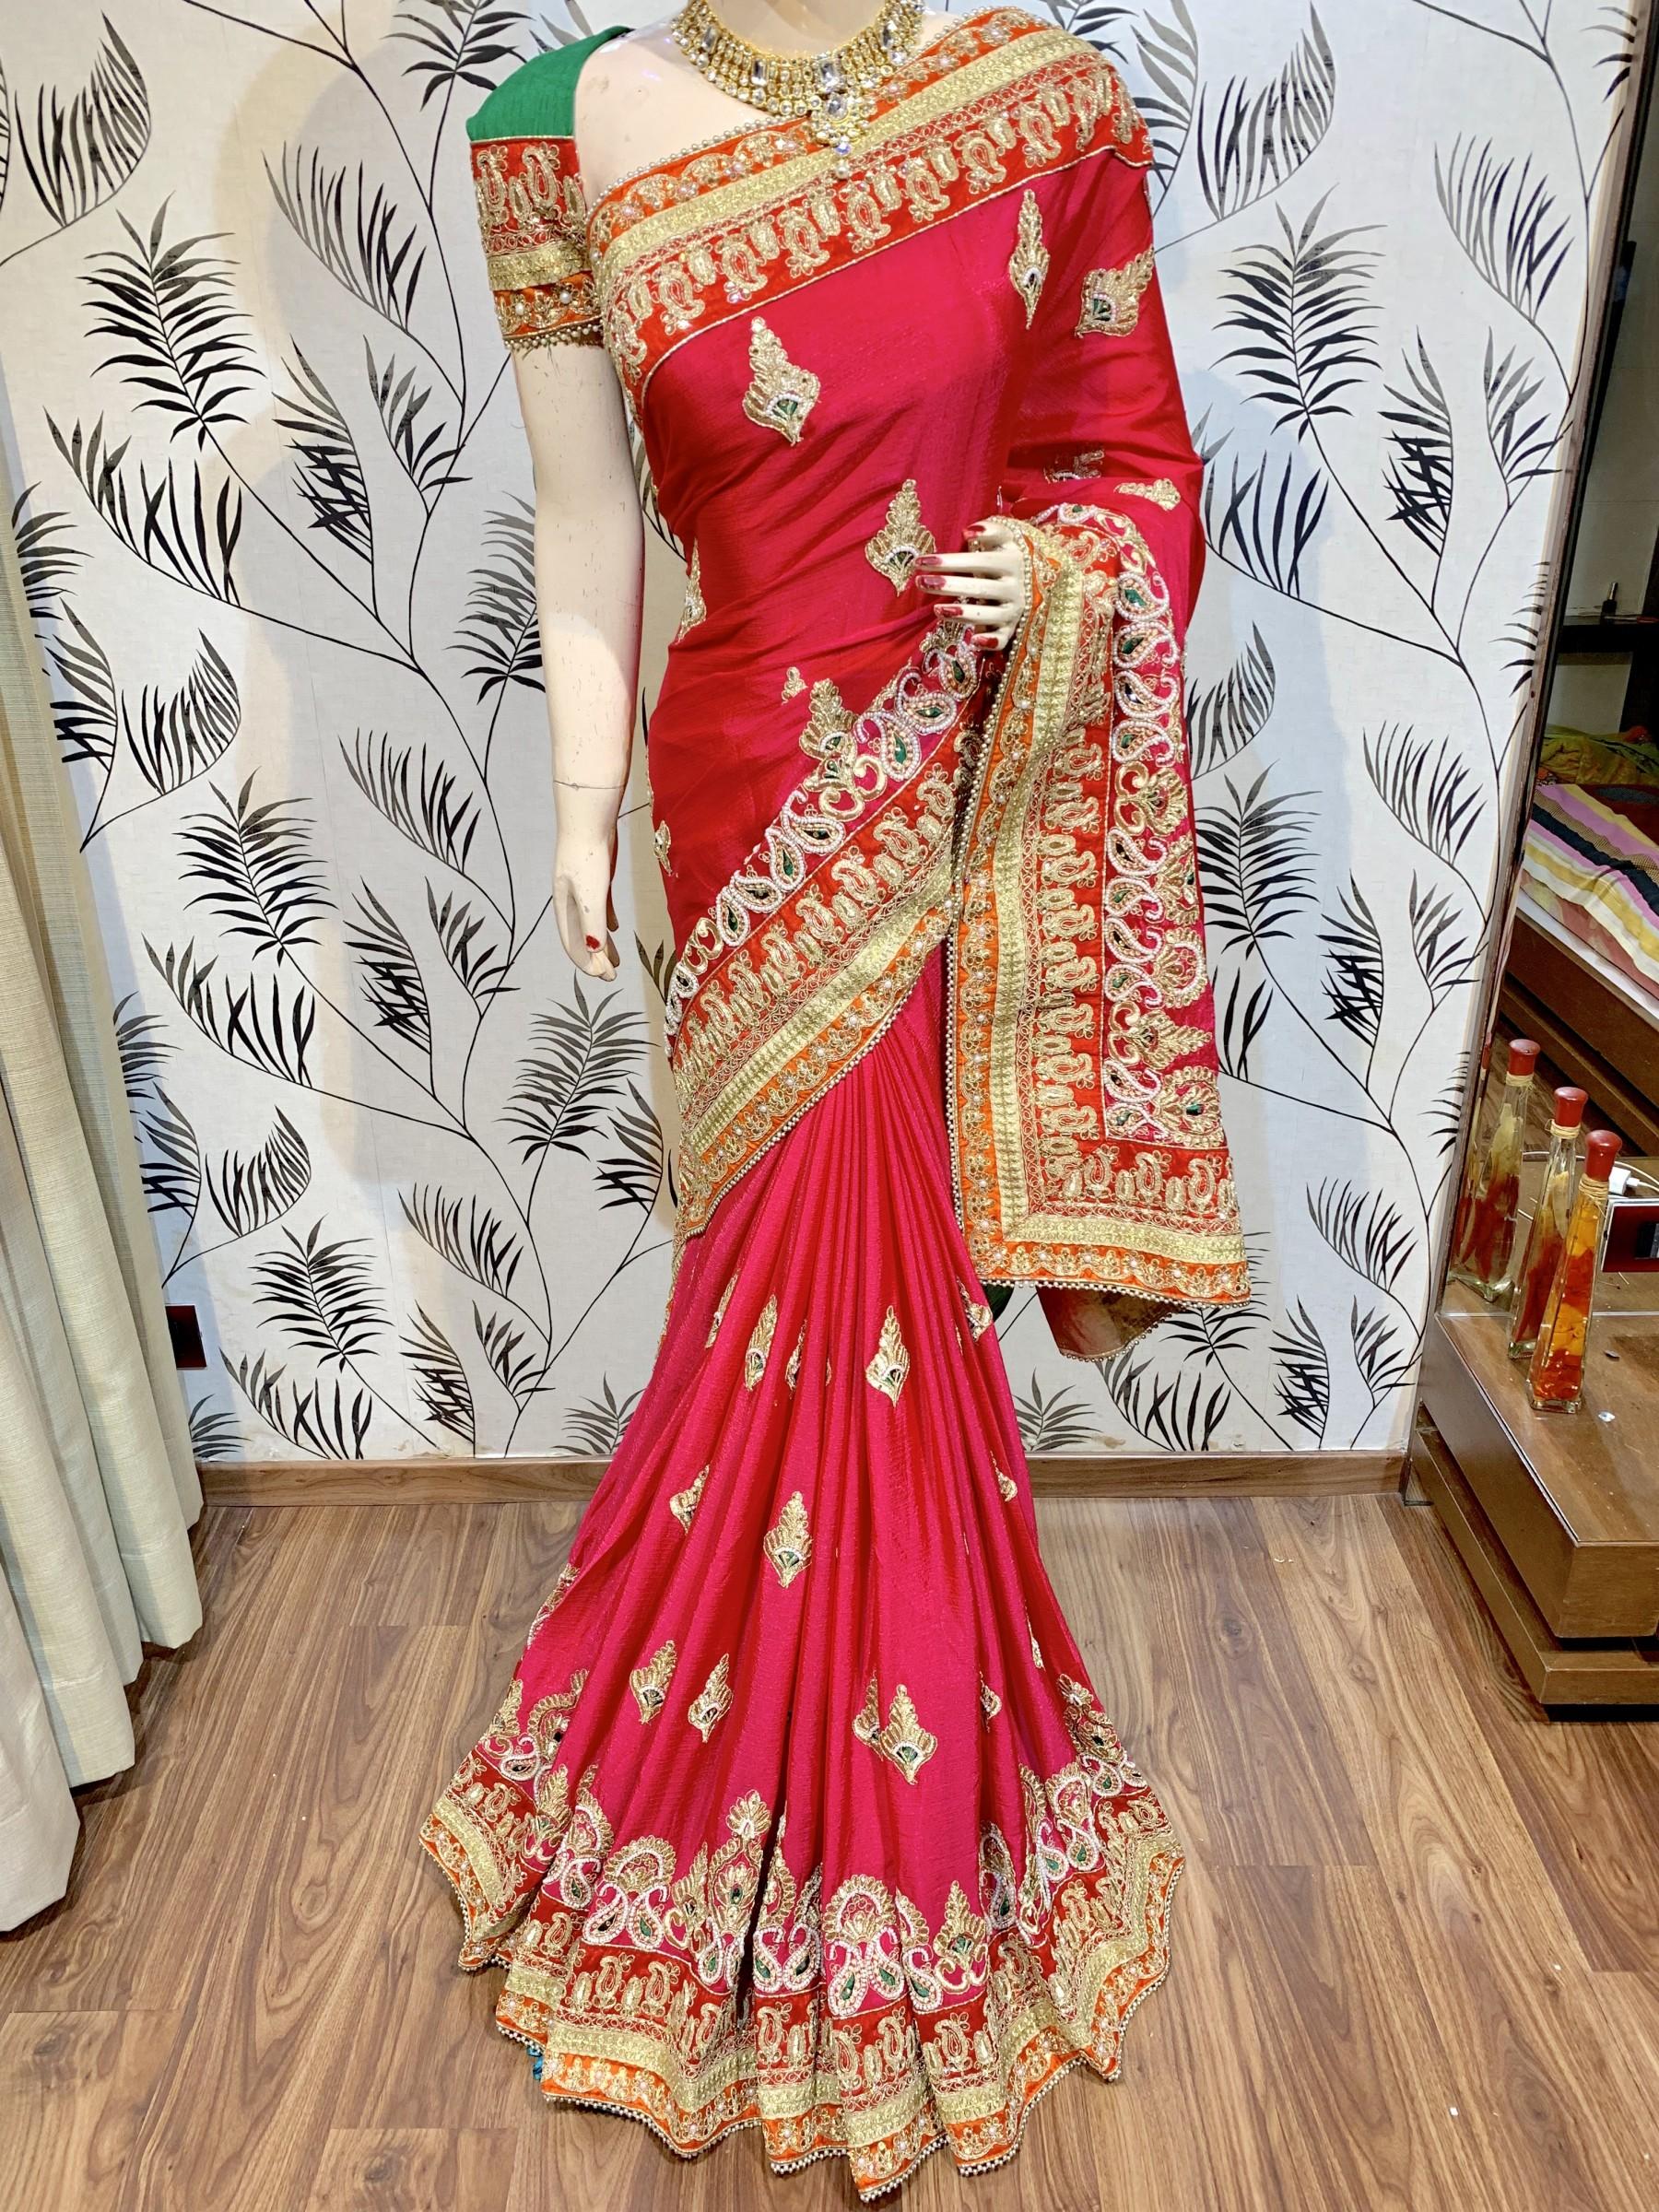 Chinon Chiffon Wedding Wear Saree In Rani With Crystal Stone Work